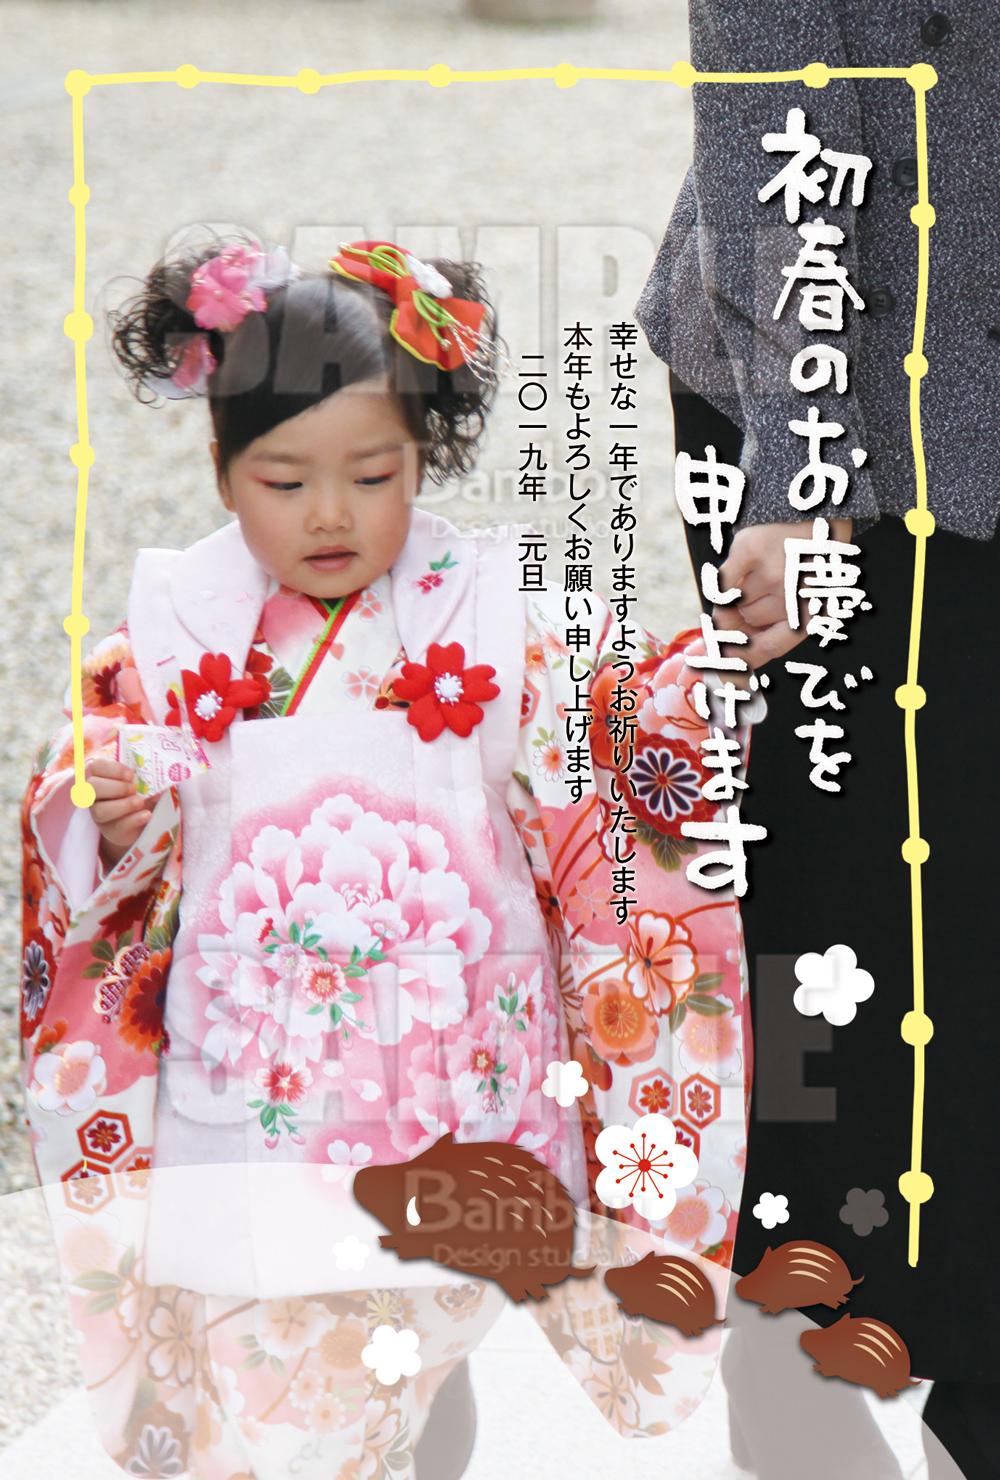 竹本明子_07-2 | Akiko Takemoto Illustration